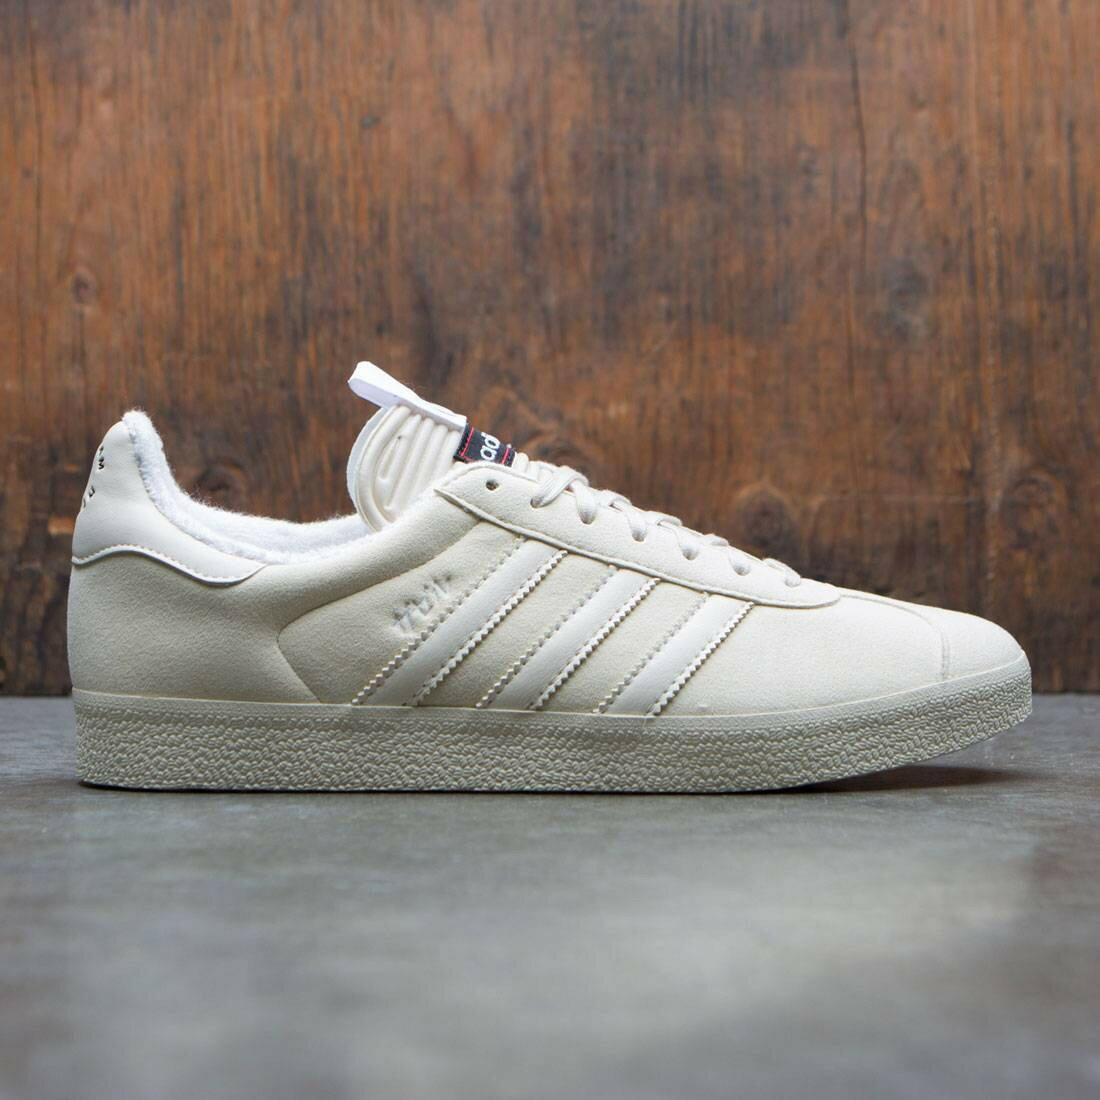 メンズ靴, スニーカー  ADIDAS WHITE ADIDAS CONSORTIUM X UNITED ARROWS AND SONS SLAM JAM MEN GAZELLE SNEAKER EXCHANGE BURGUNDY FOOTWEAR CHALK